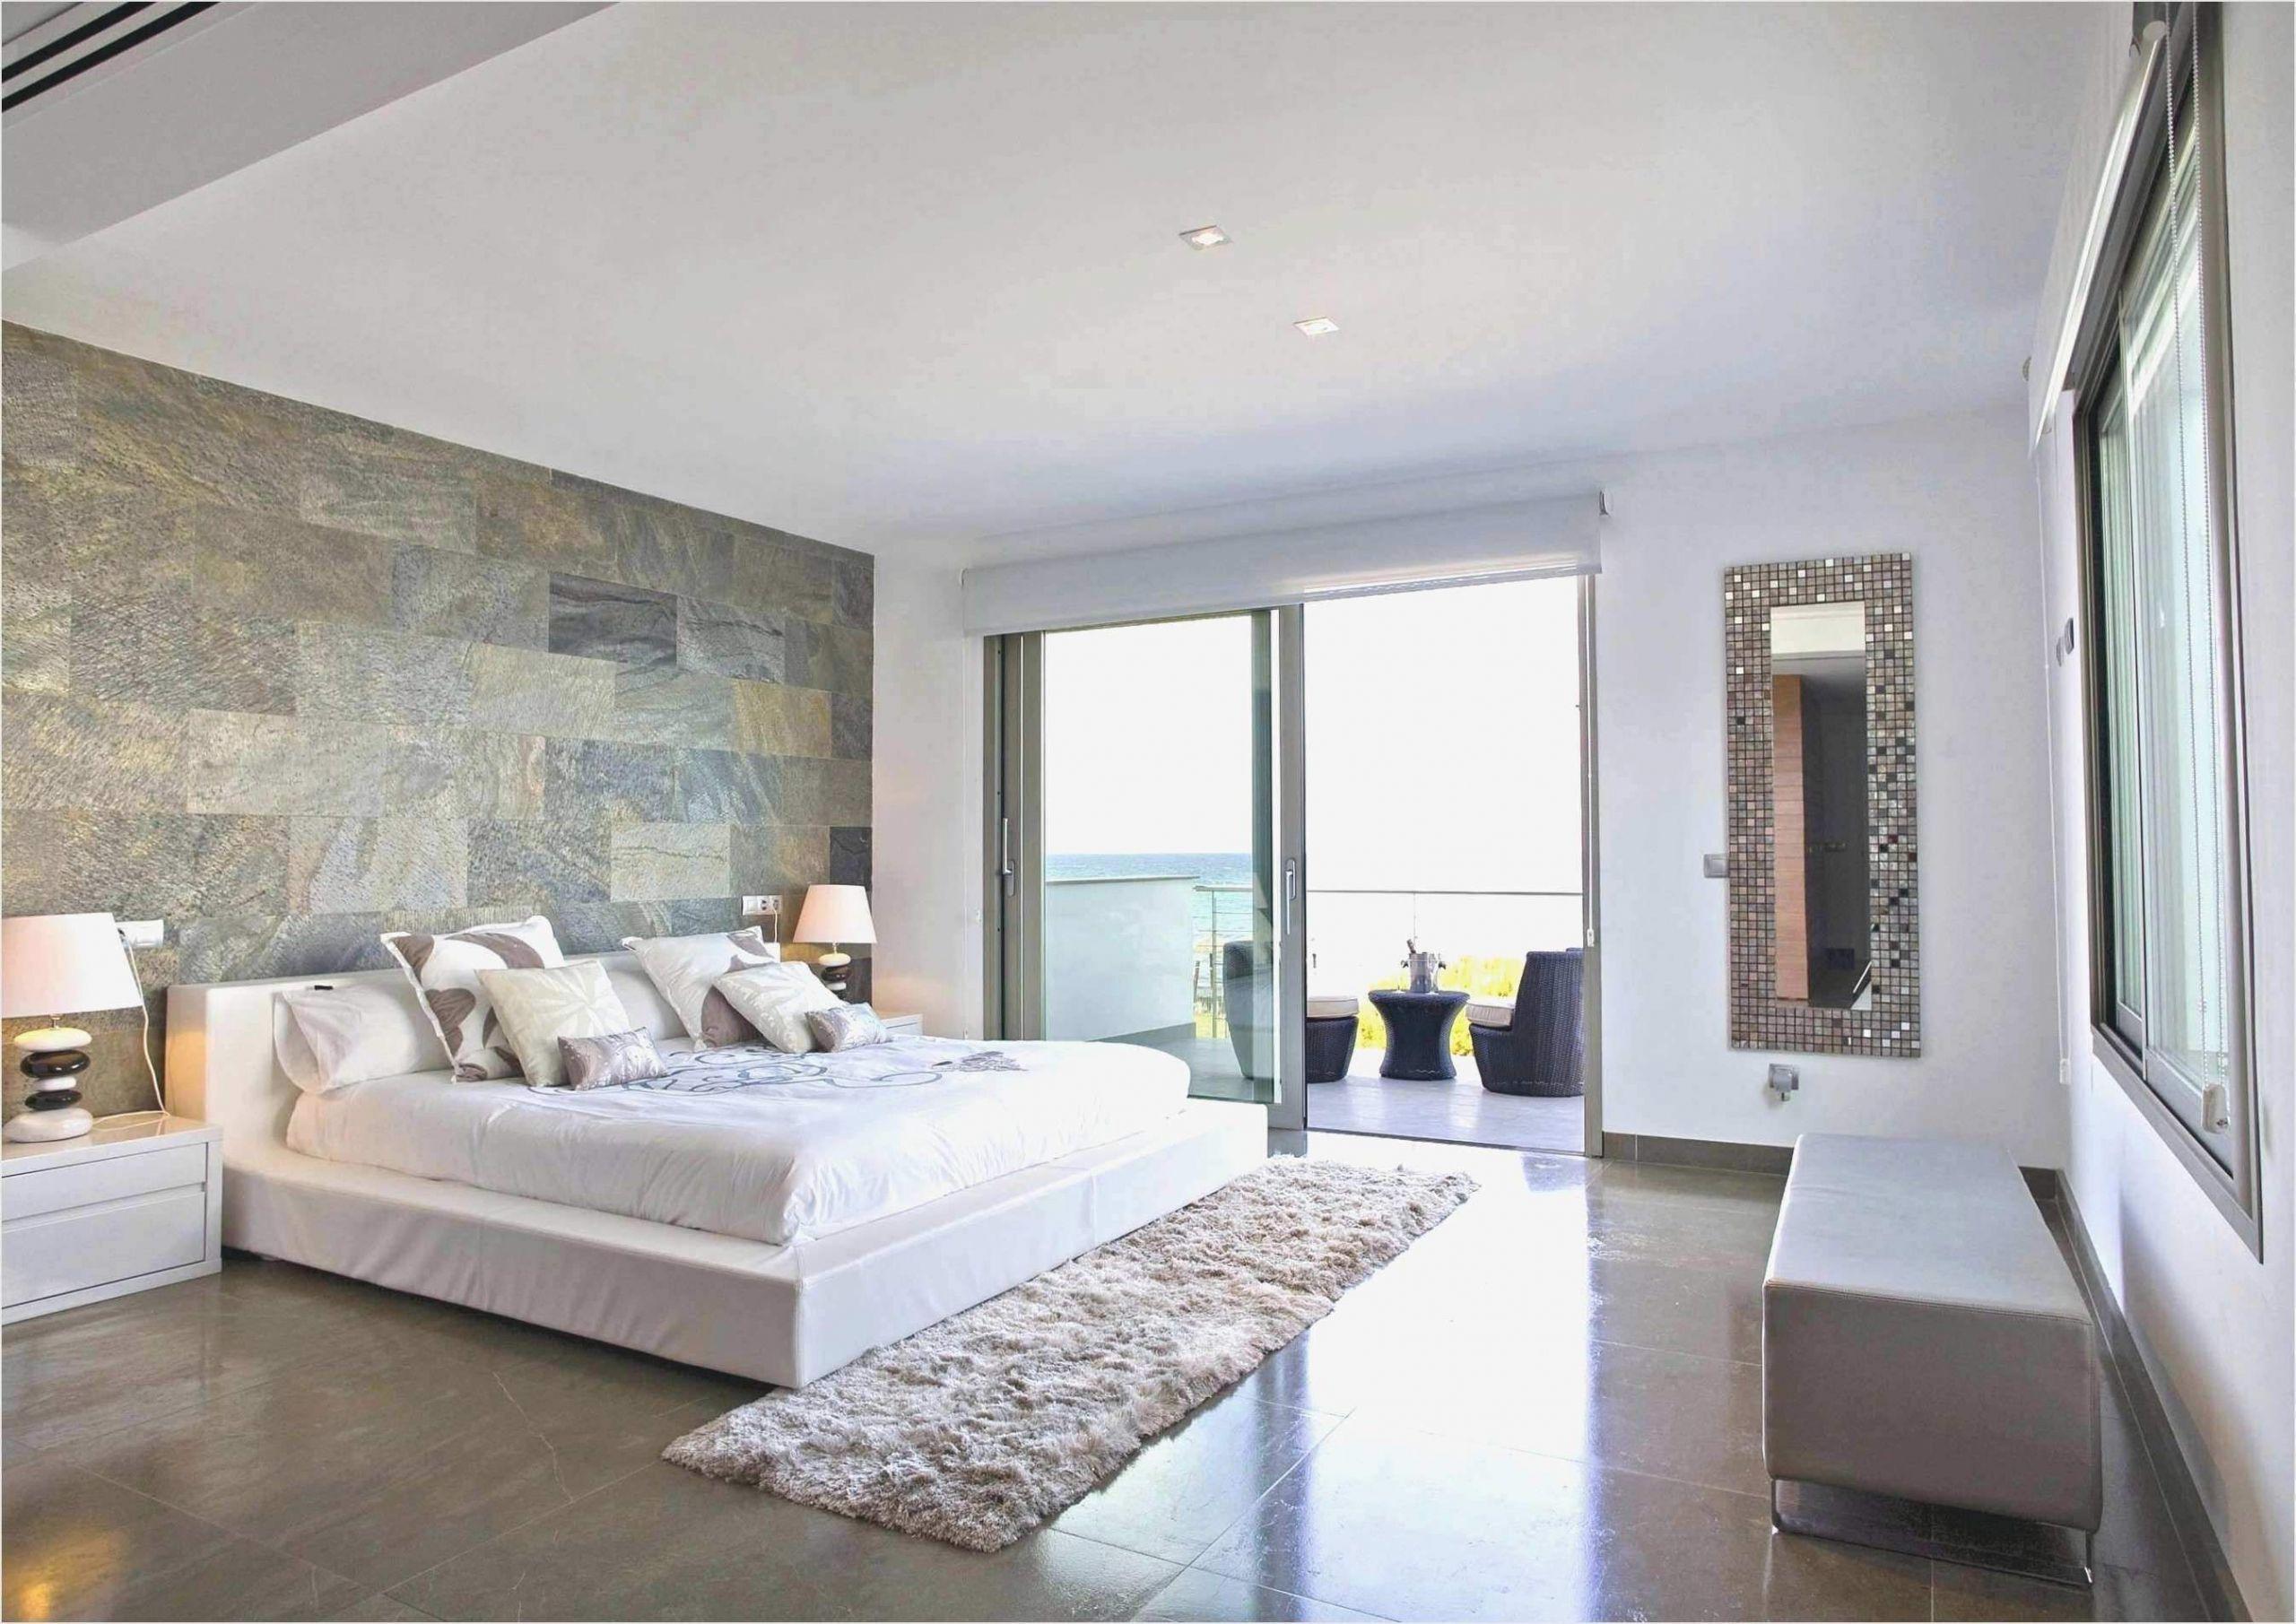 schrank fur wohnzimmer das beste von 45 beste von wanddeko fur wohnzimmer design of schrank fur wohnzimmer